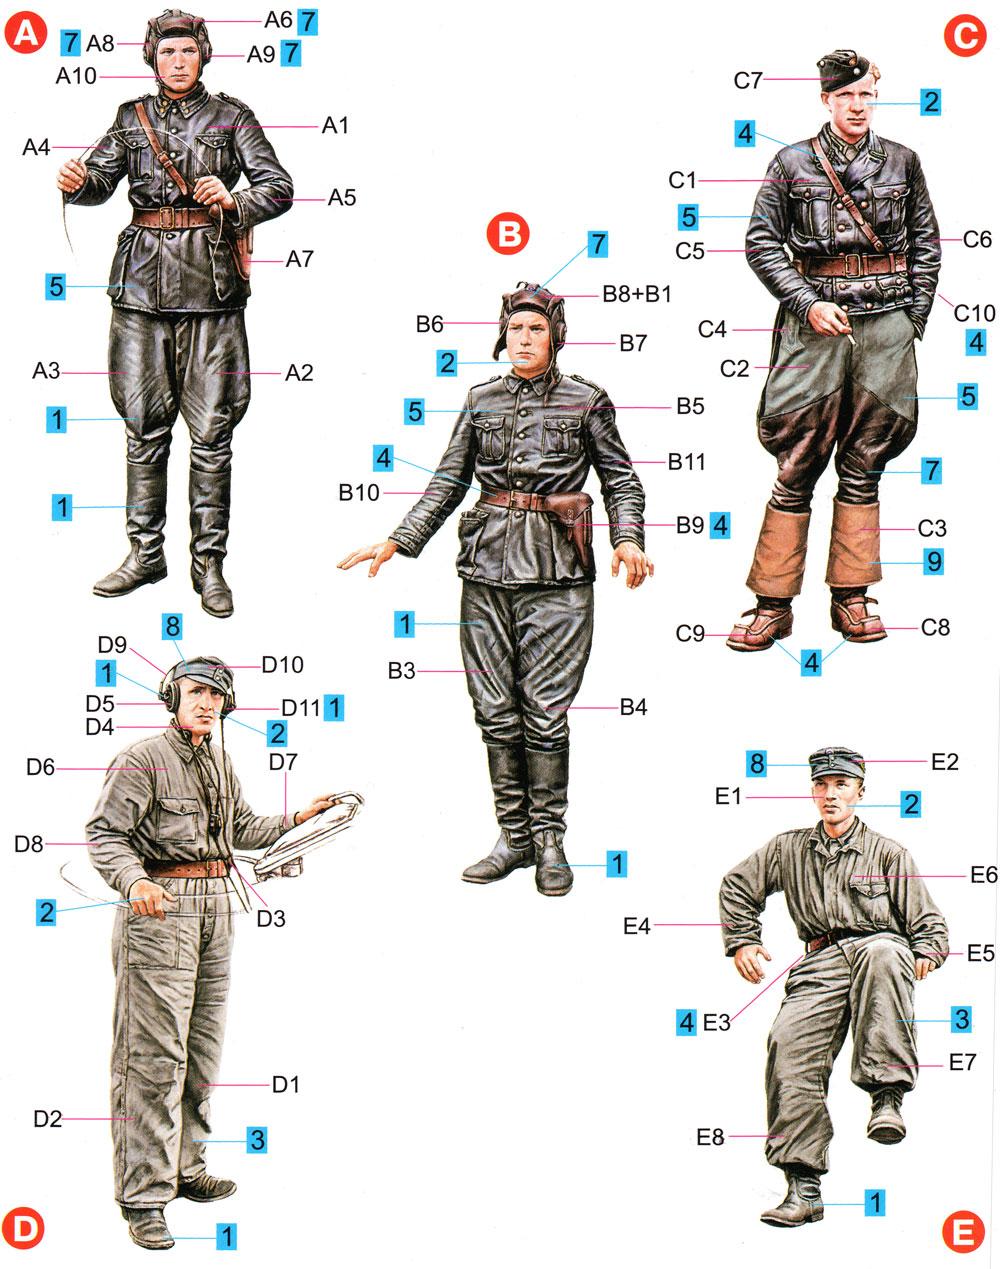 フィンランド 戦車兵プラモデル(ミニアート1/35 WW2 ミリタリーミニチュアNo.35222)商品画像_1